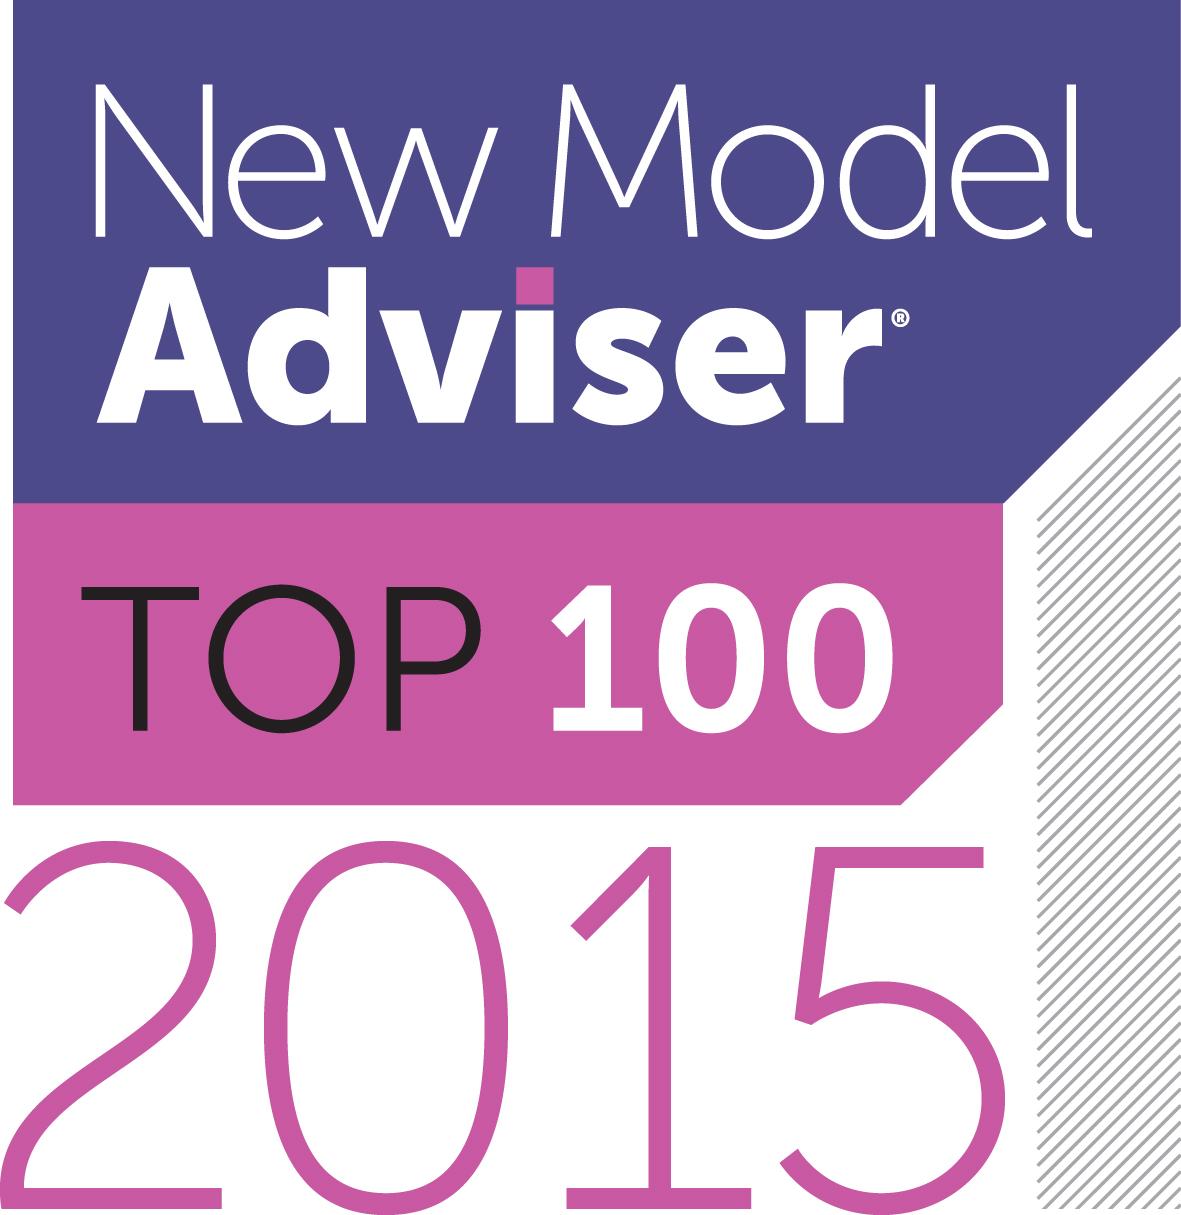 New Model Adviser Top 100 – 2015